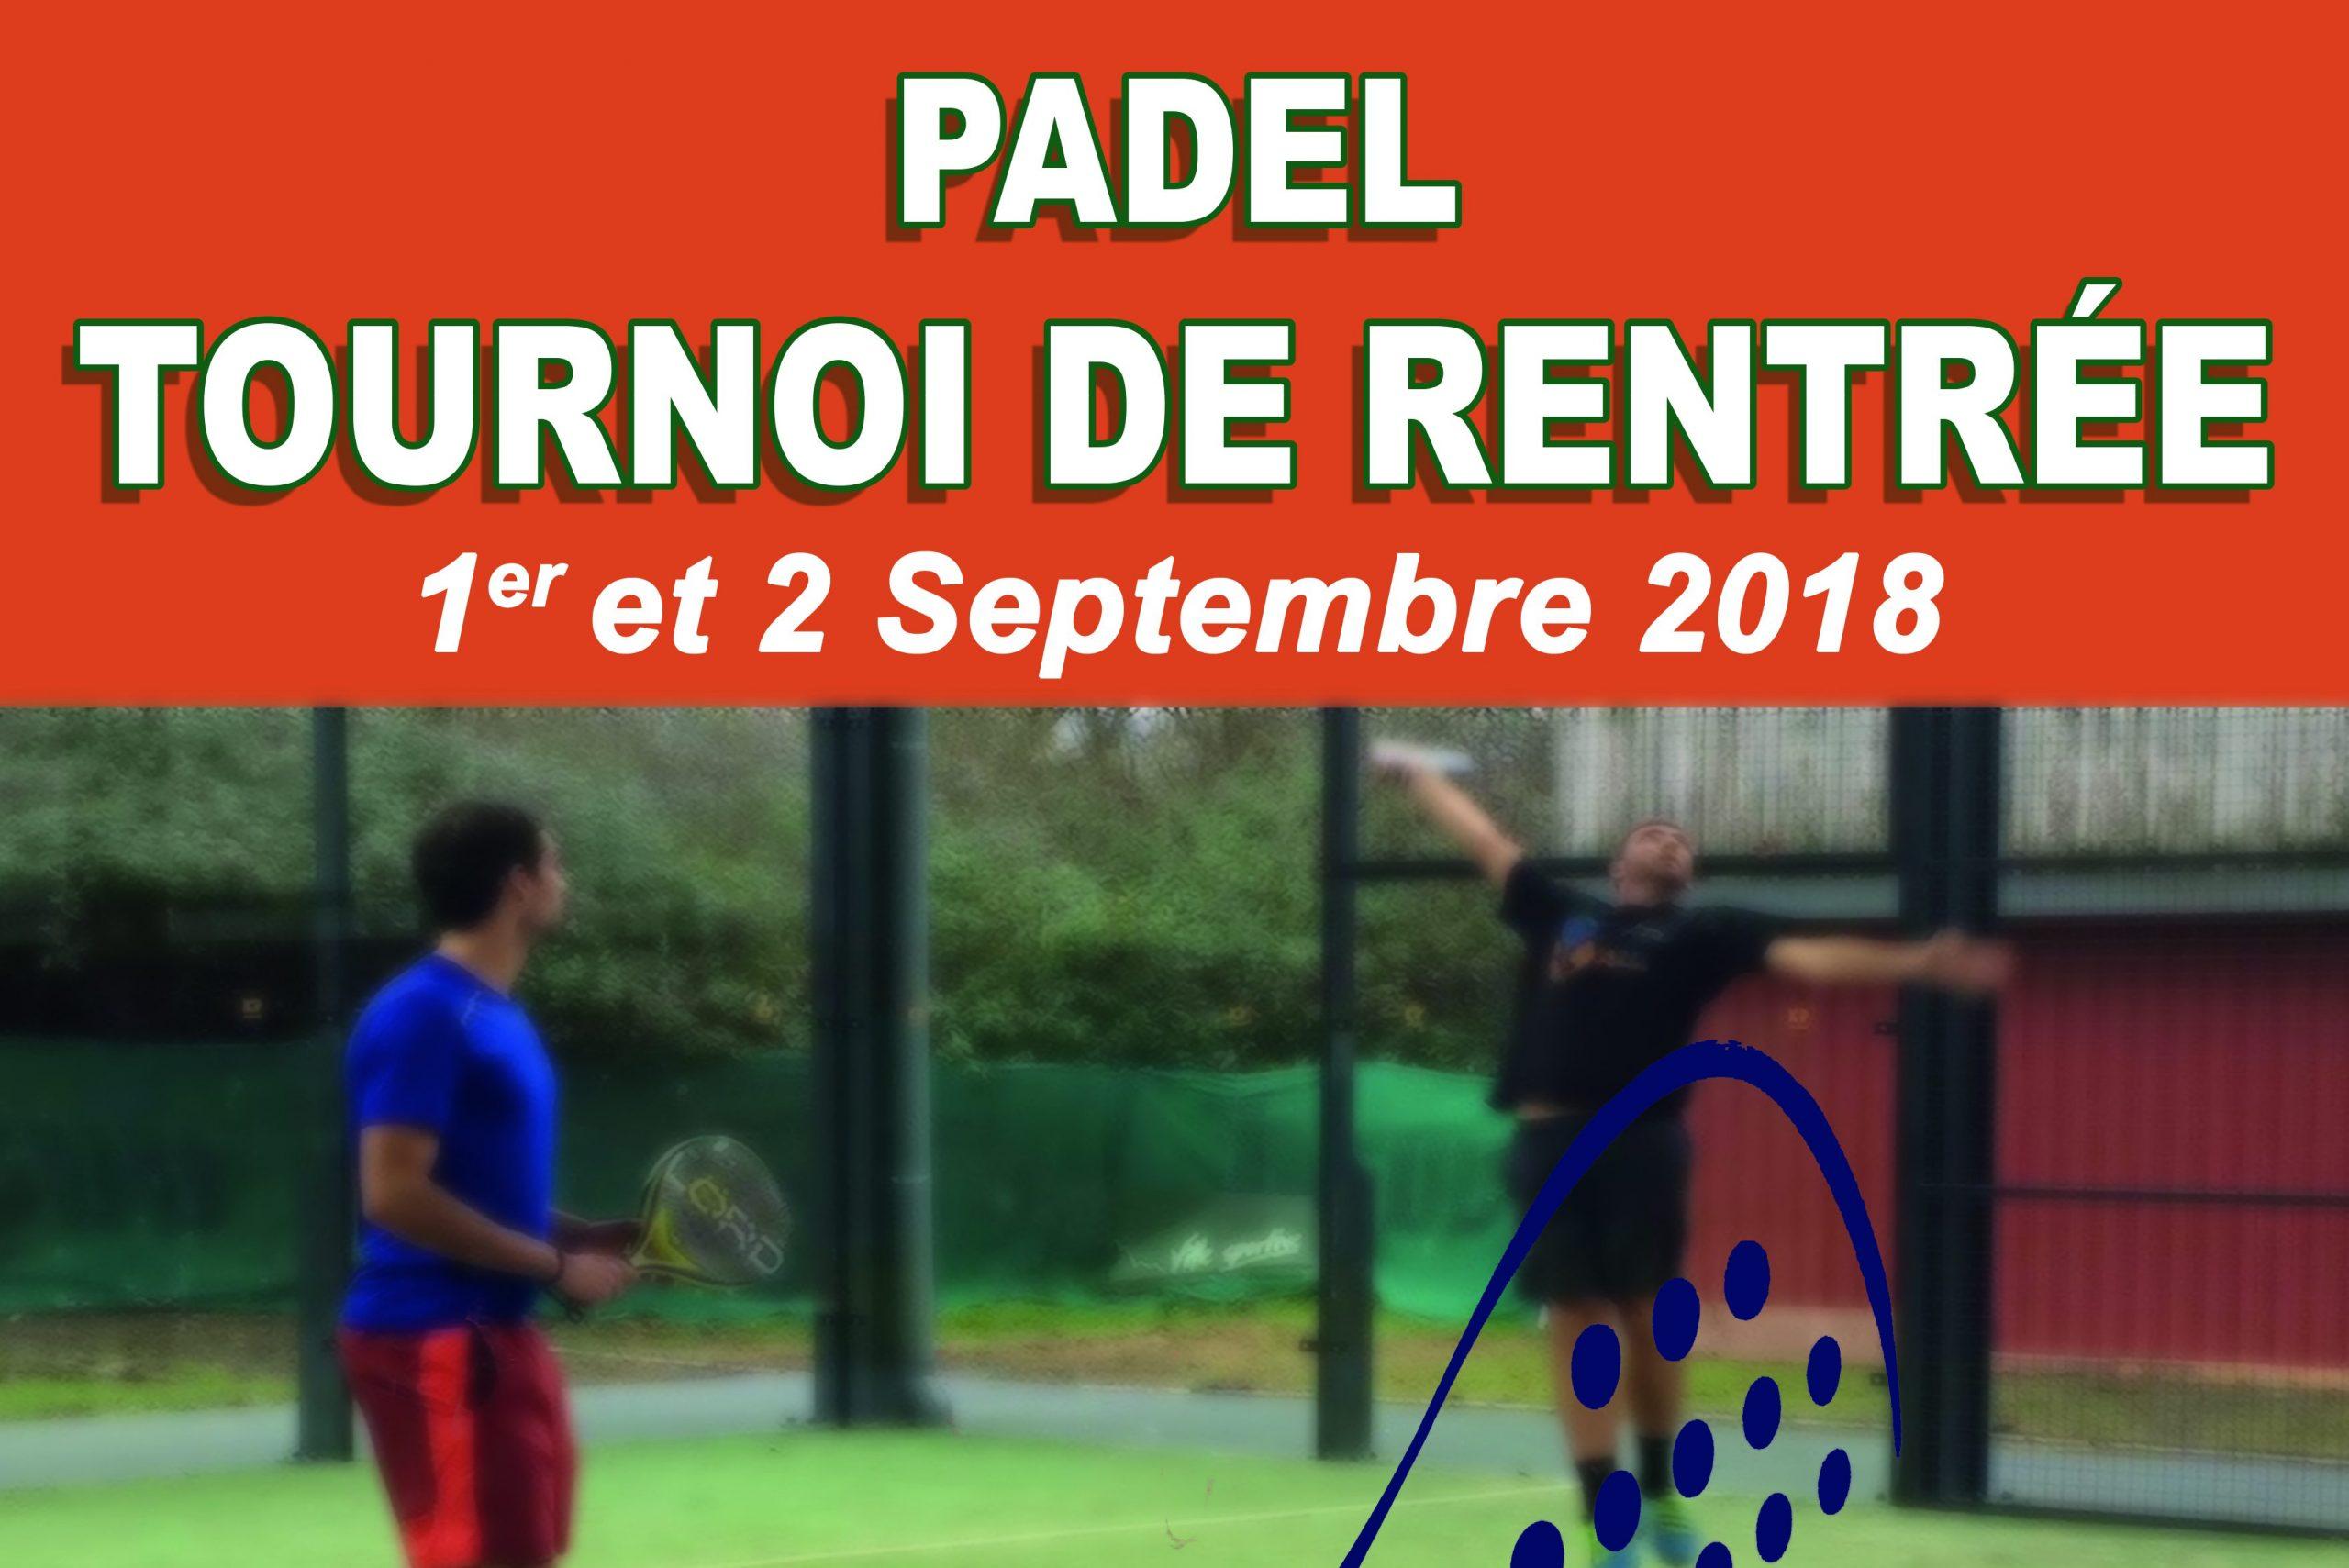 Le Tennis / Padel Club de Pau prépare sa rentrée avec un p100 messieurs